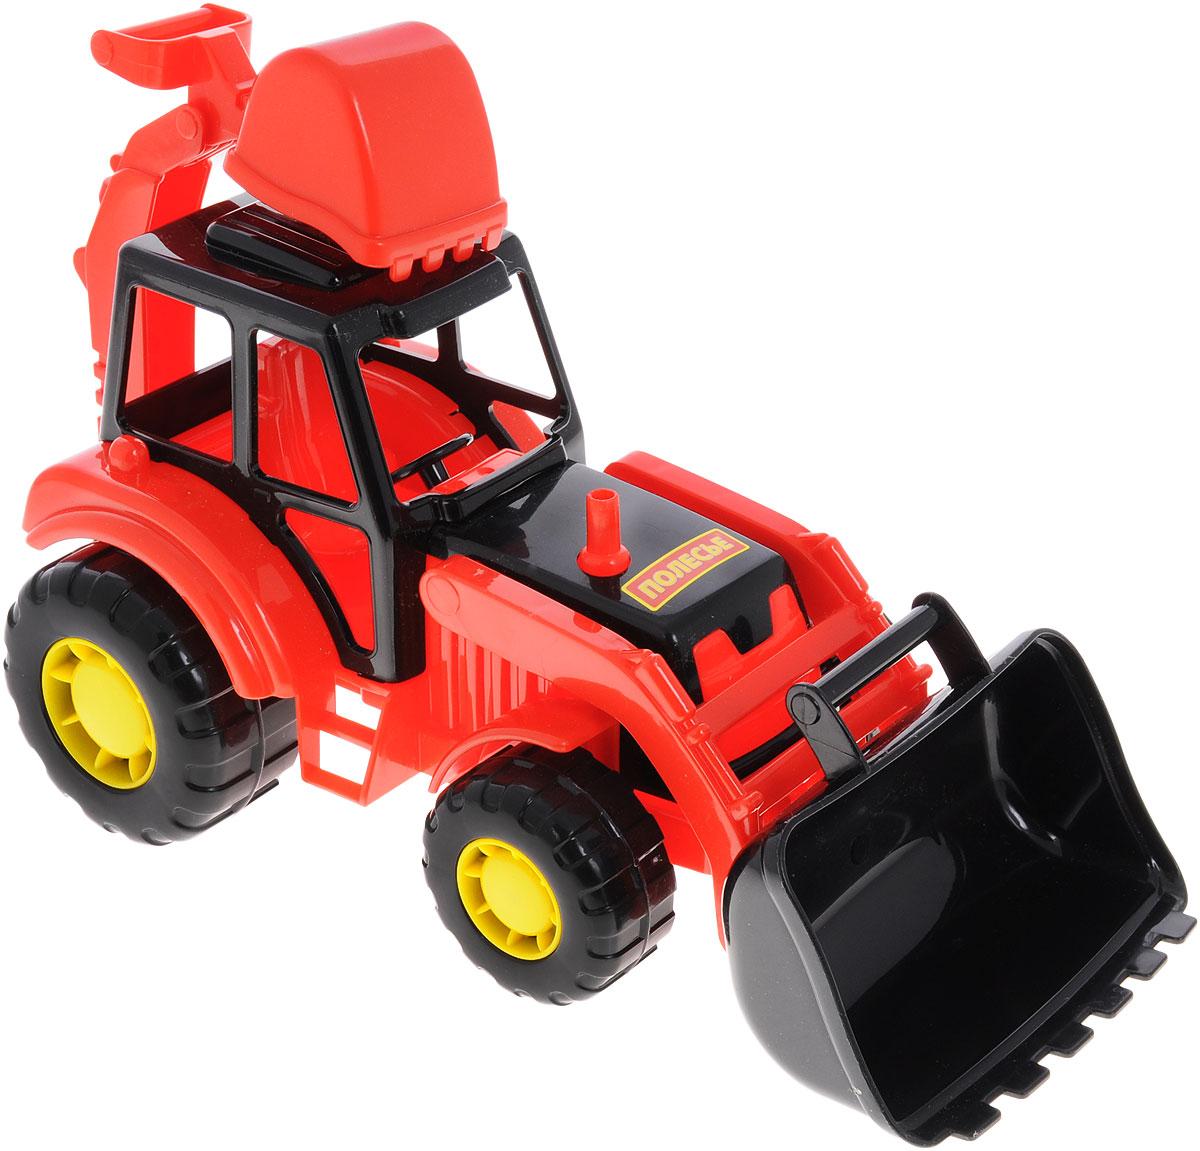 все цены на Полесье Трактор-экскаватор Мастер, цвет в ассортименте онлайн